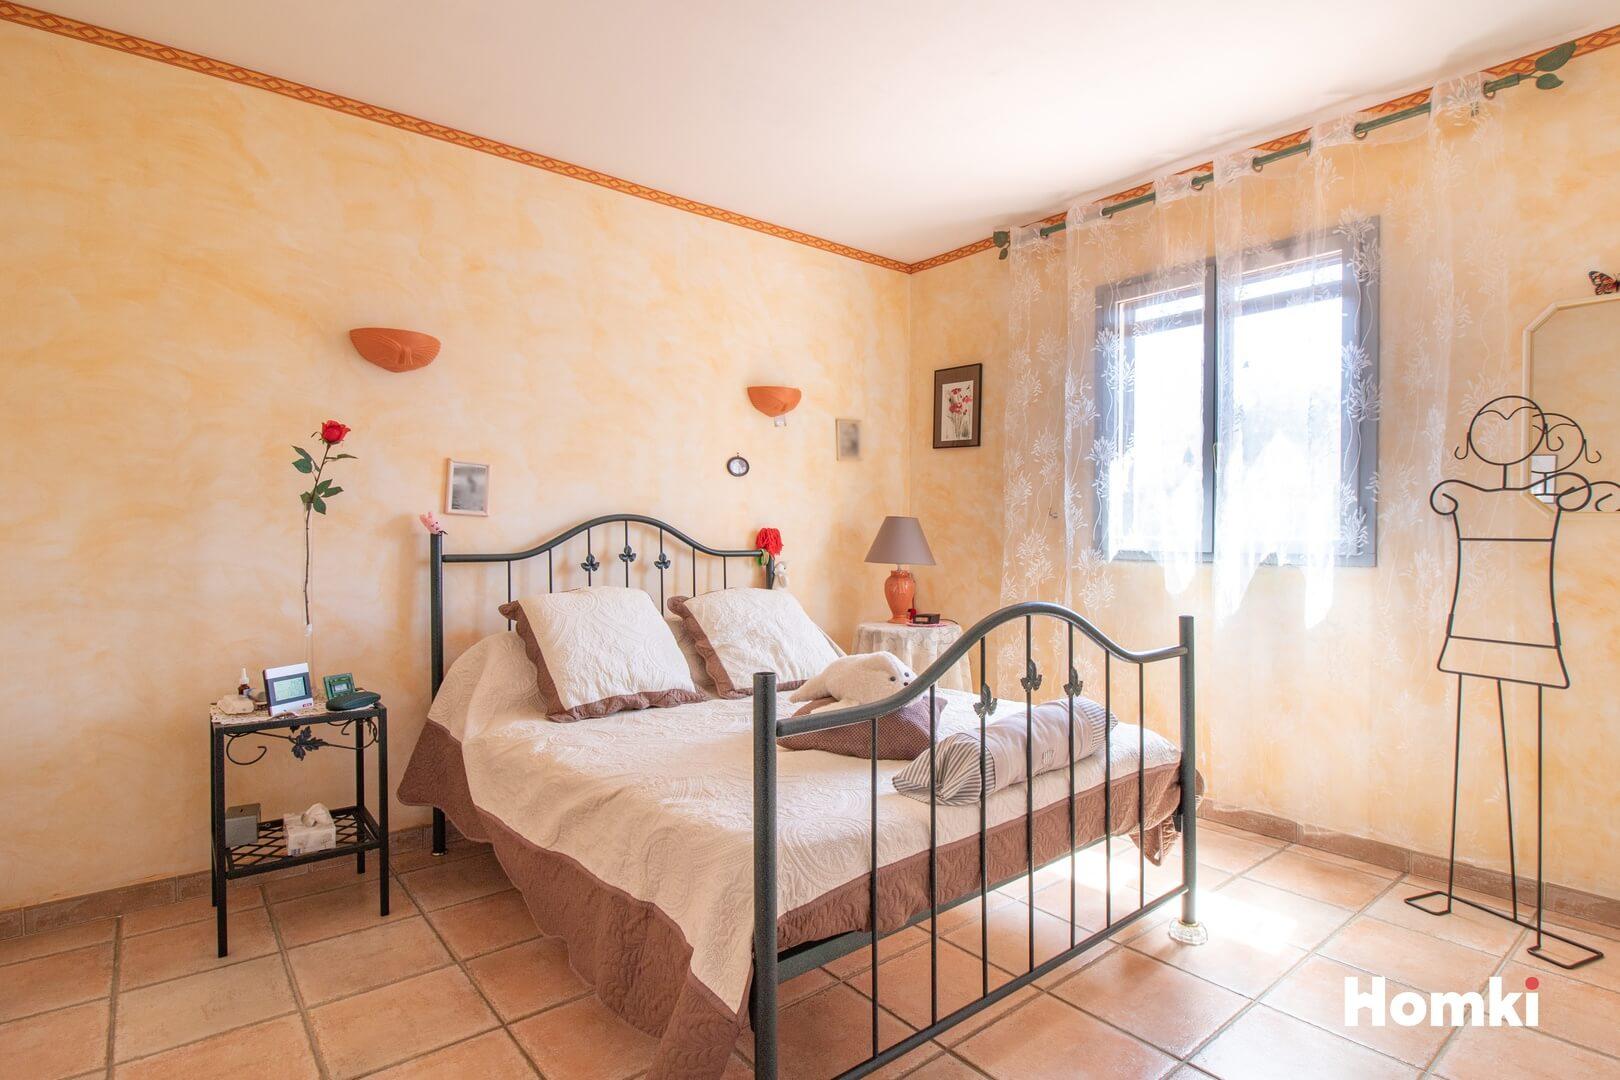 Homki - Vente Maison/villa  de 82.0 m² à Hyères 83400